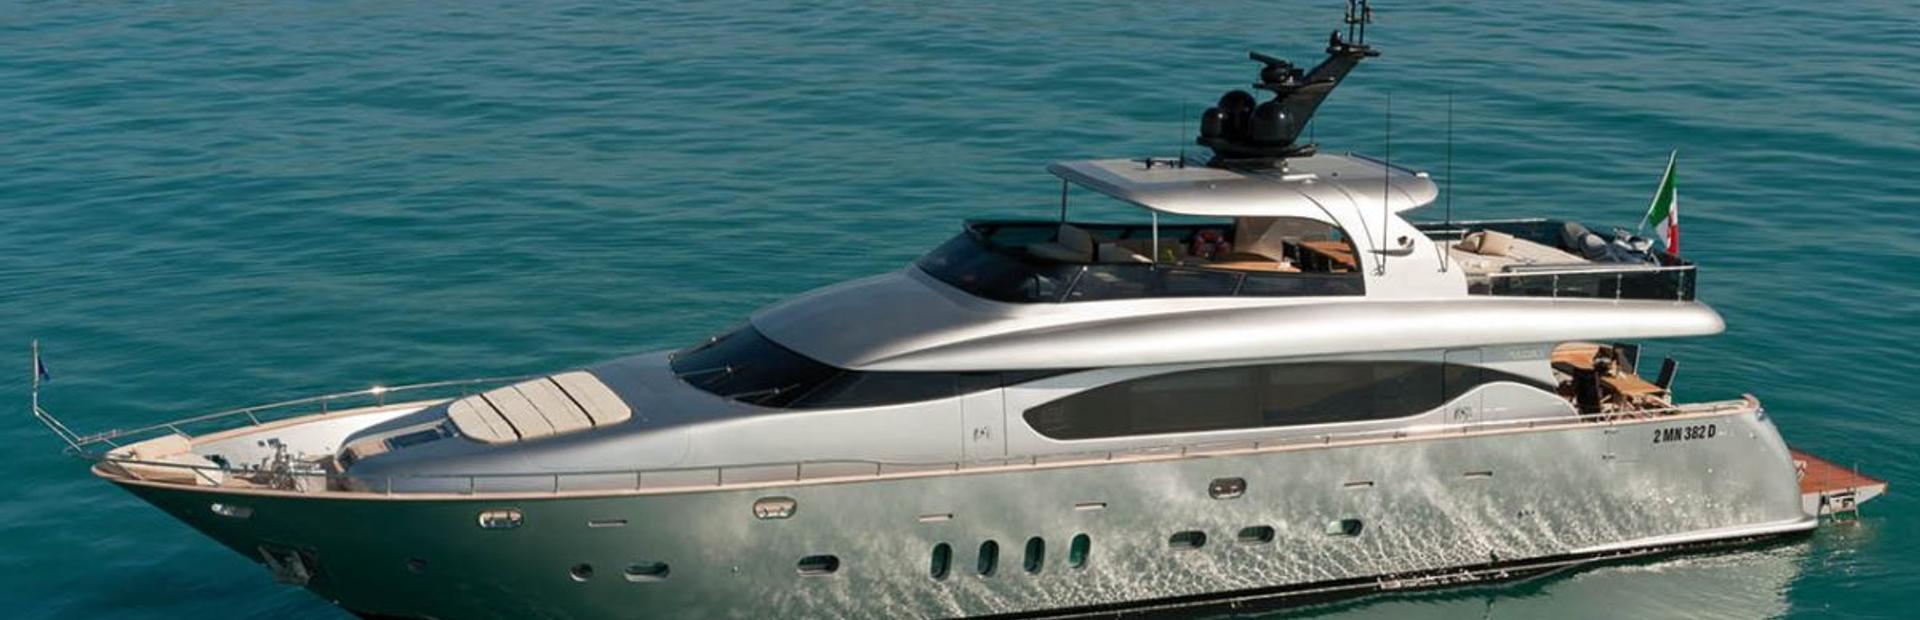 Maiora 27 Yacht Charter